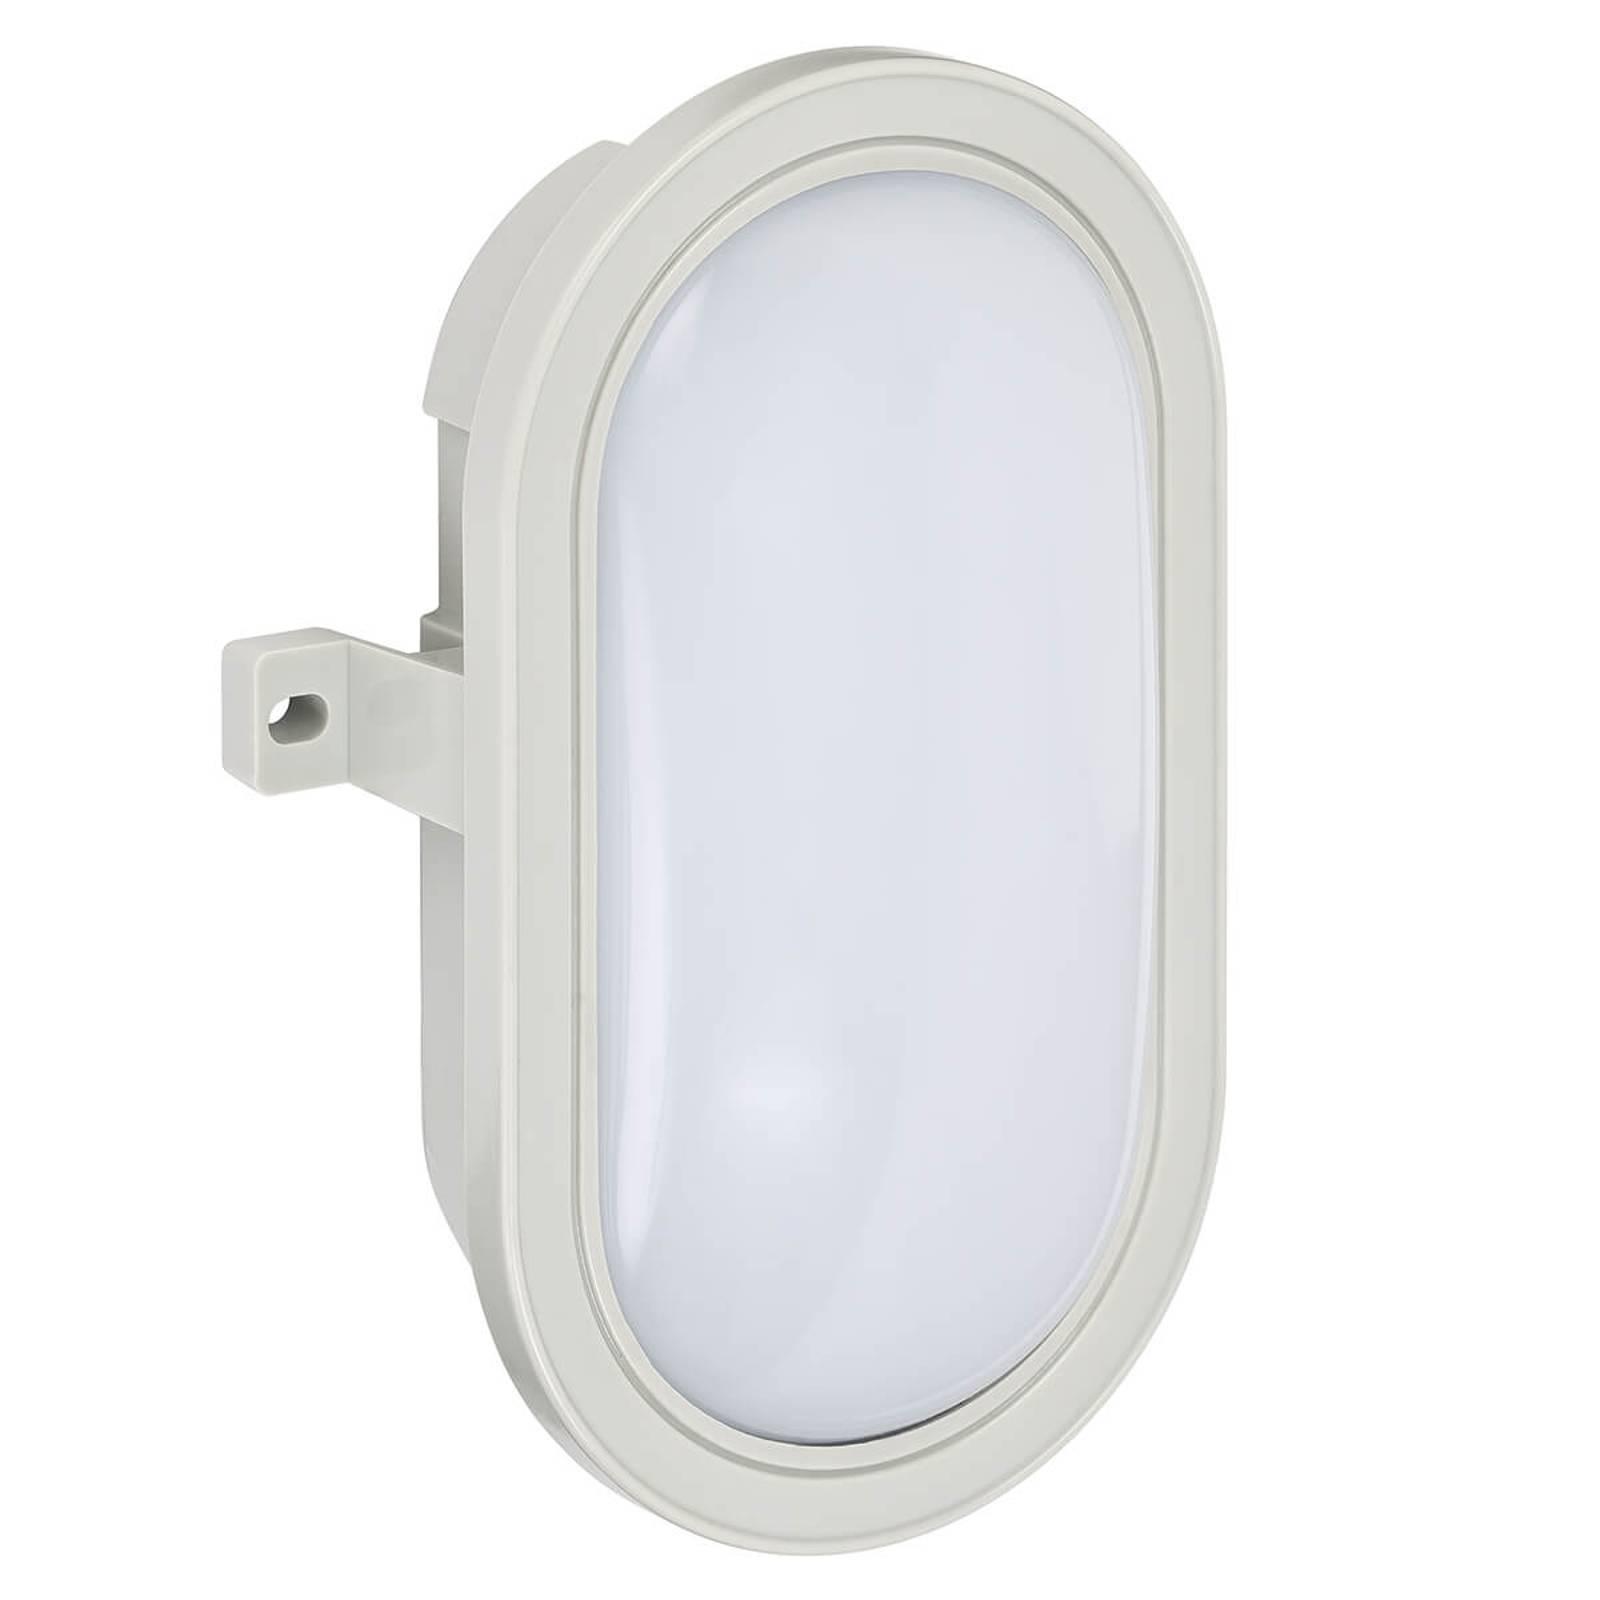 Soikea LED-ulkoseinälamppu Mats muovista